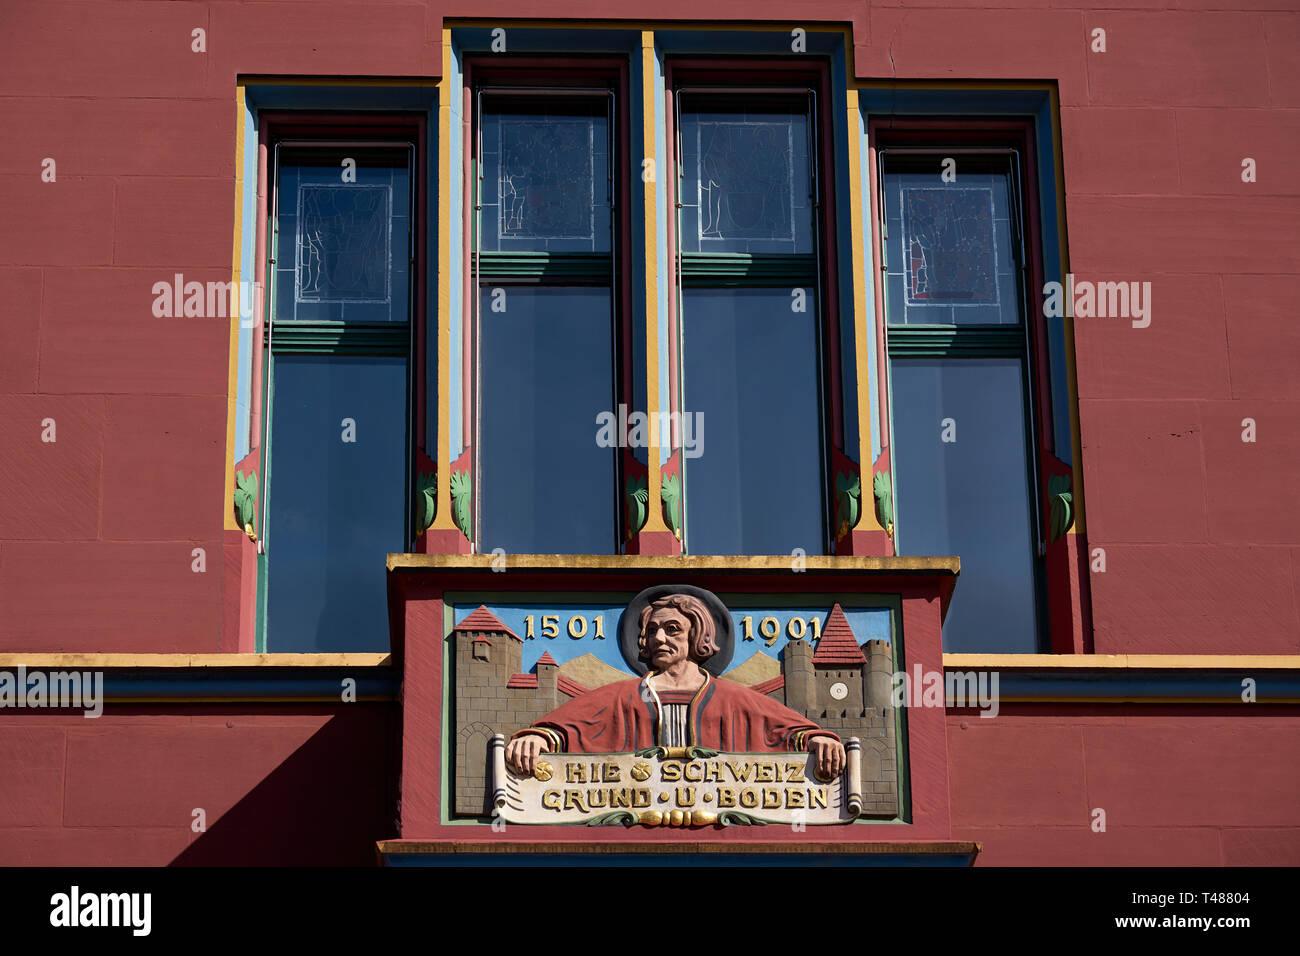 Das Rathaus von Basel in der Schweiz - Stock Image